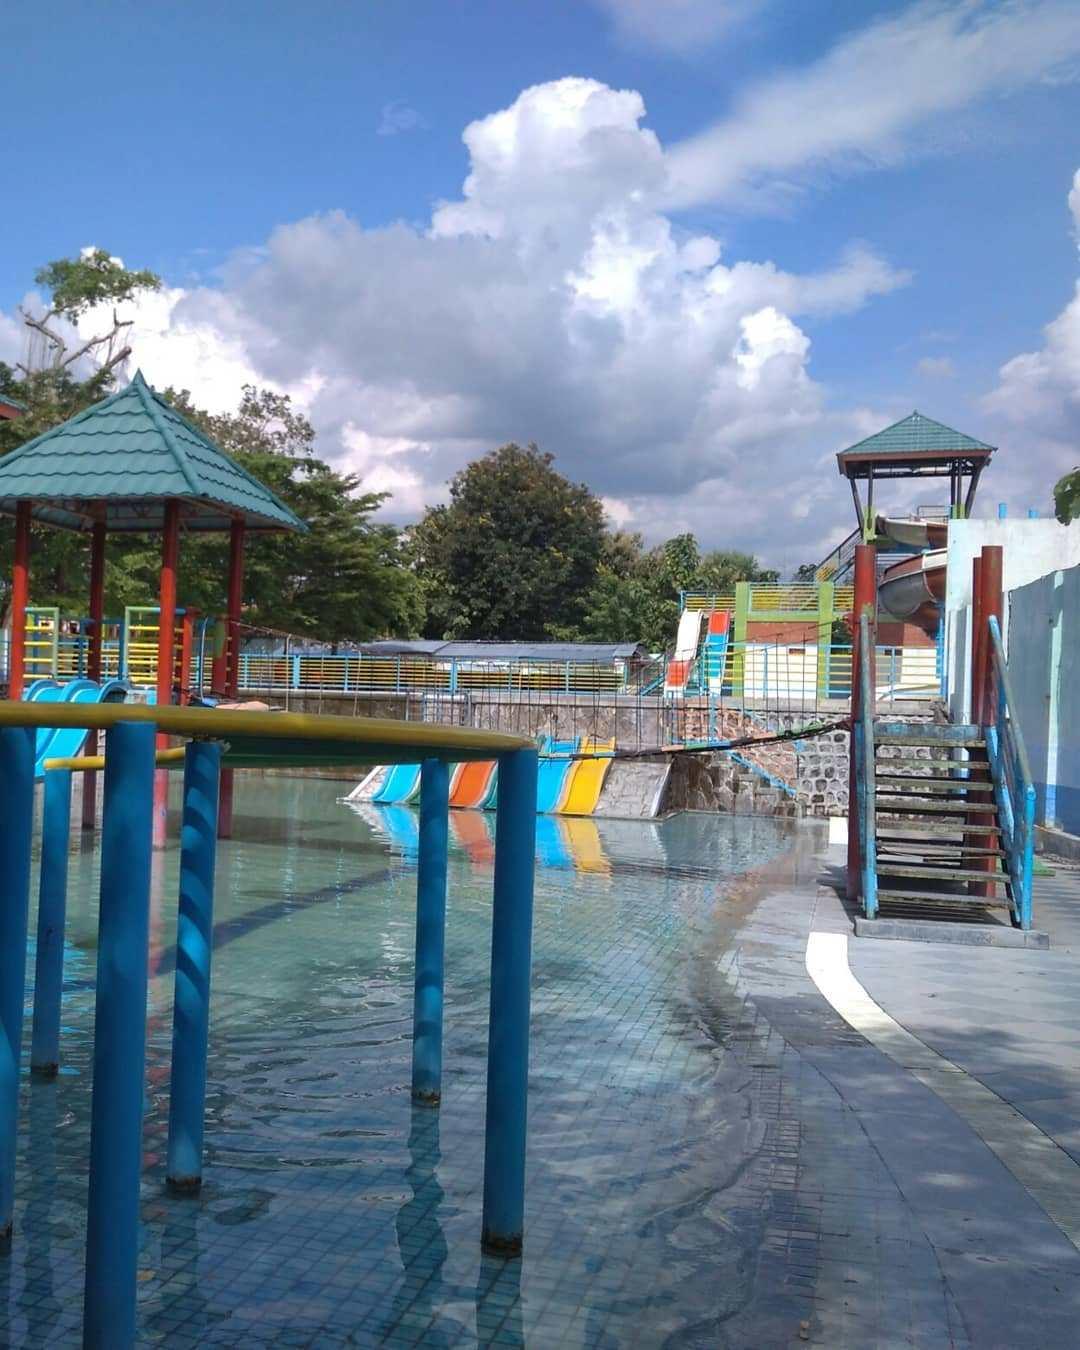 Deretan Wahana Wisata Air Madiun Bikin Wisatawan Berduyun Duyun Taman